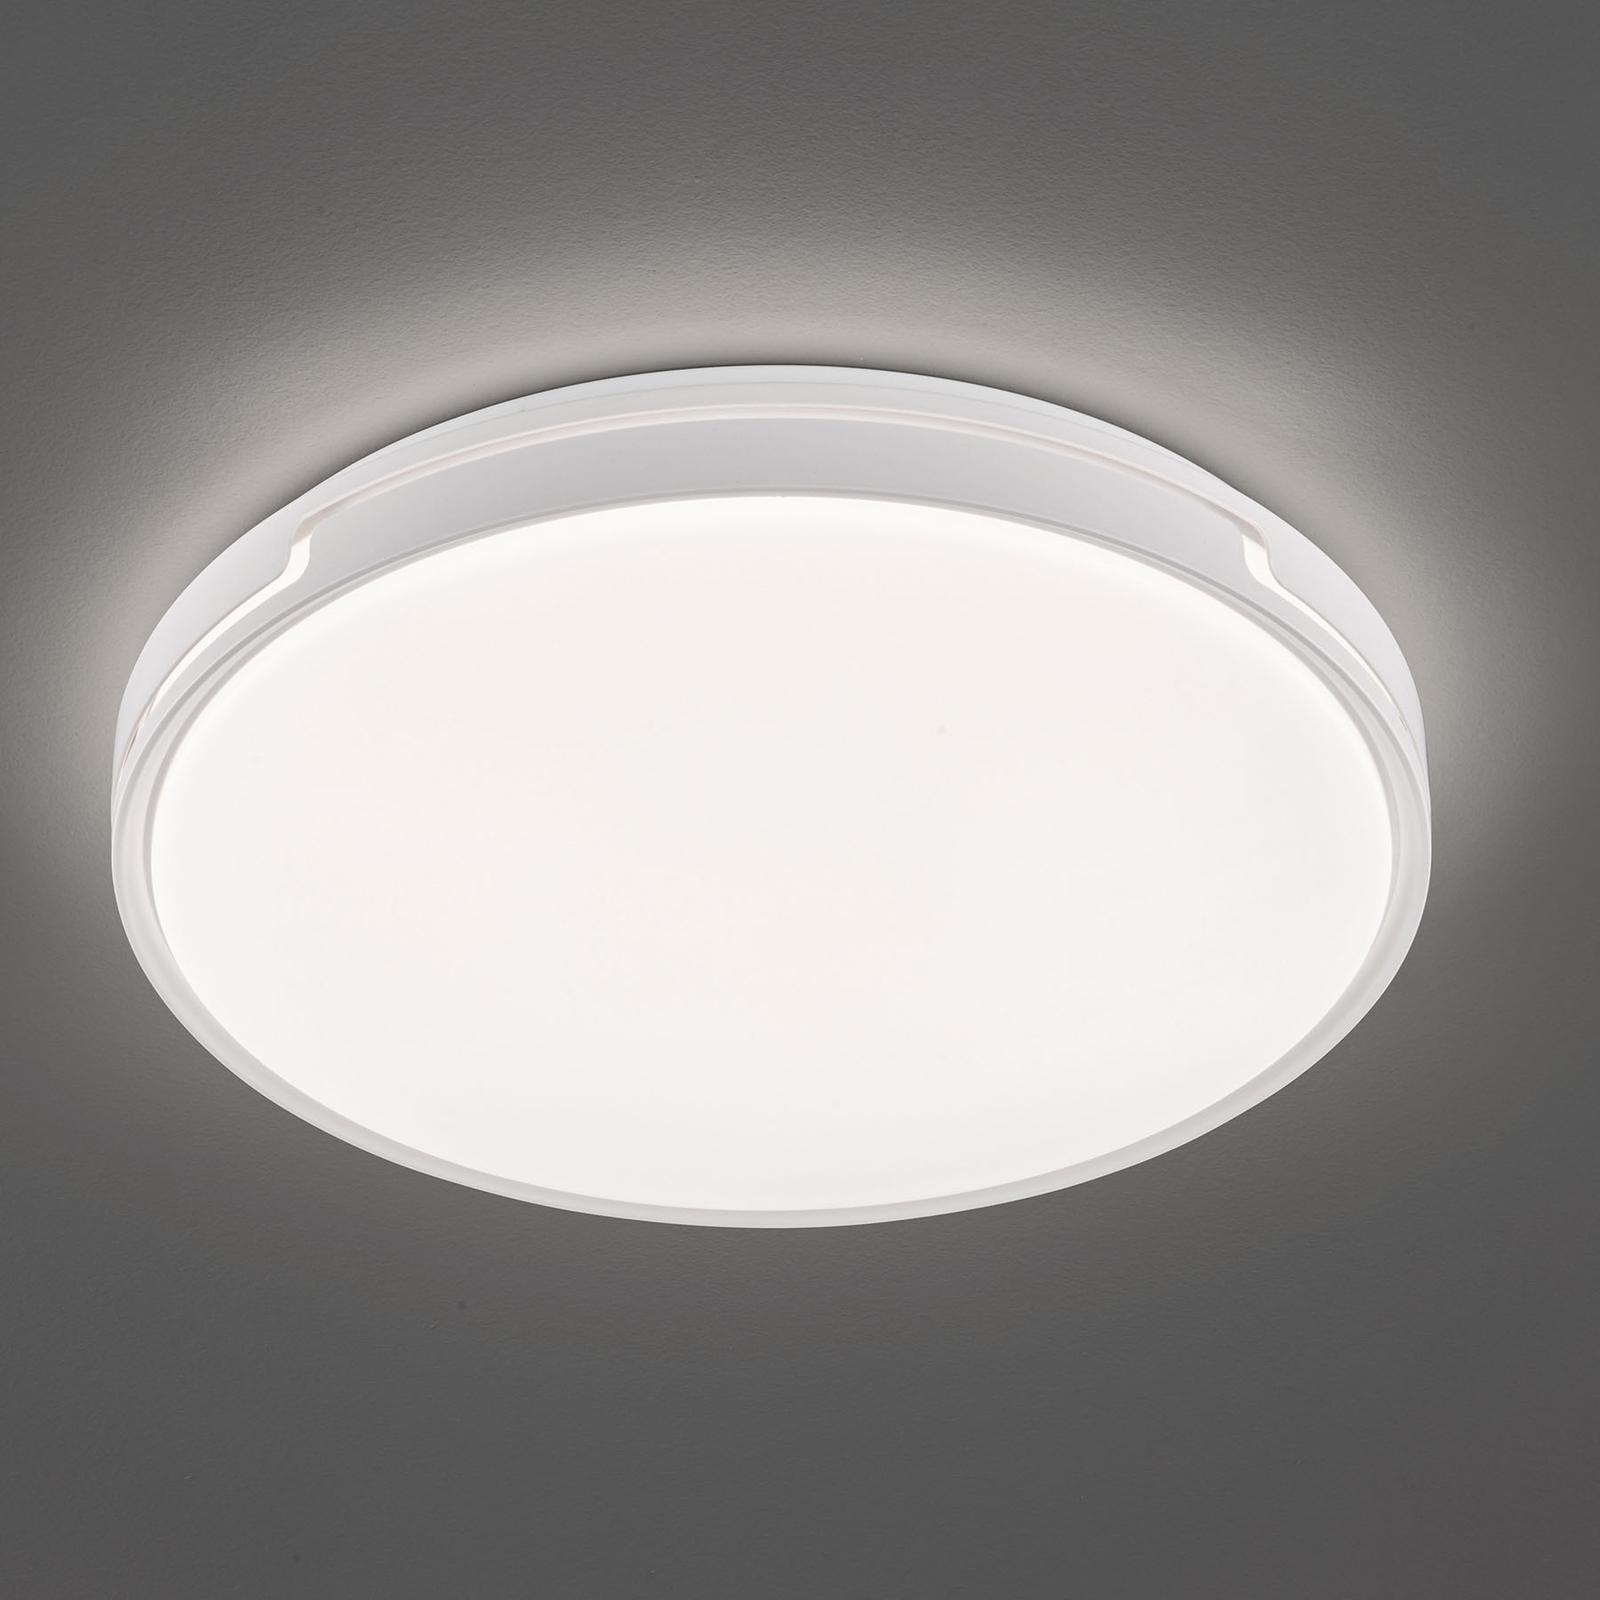 LED-Deckenlampe Tex BS mit Bewegungsmelder Ø 49 cm